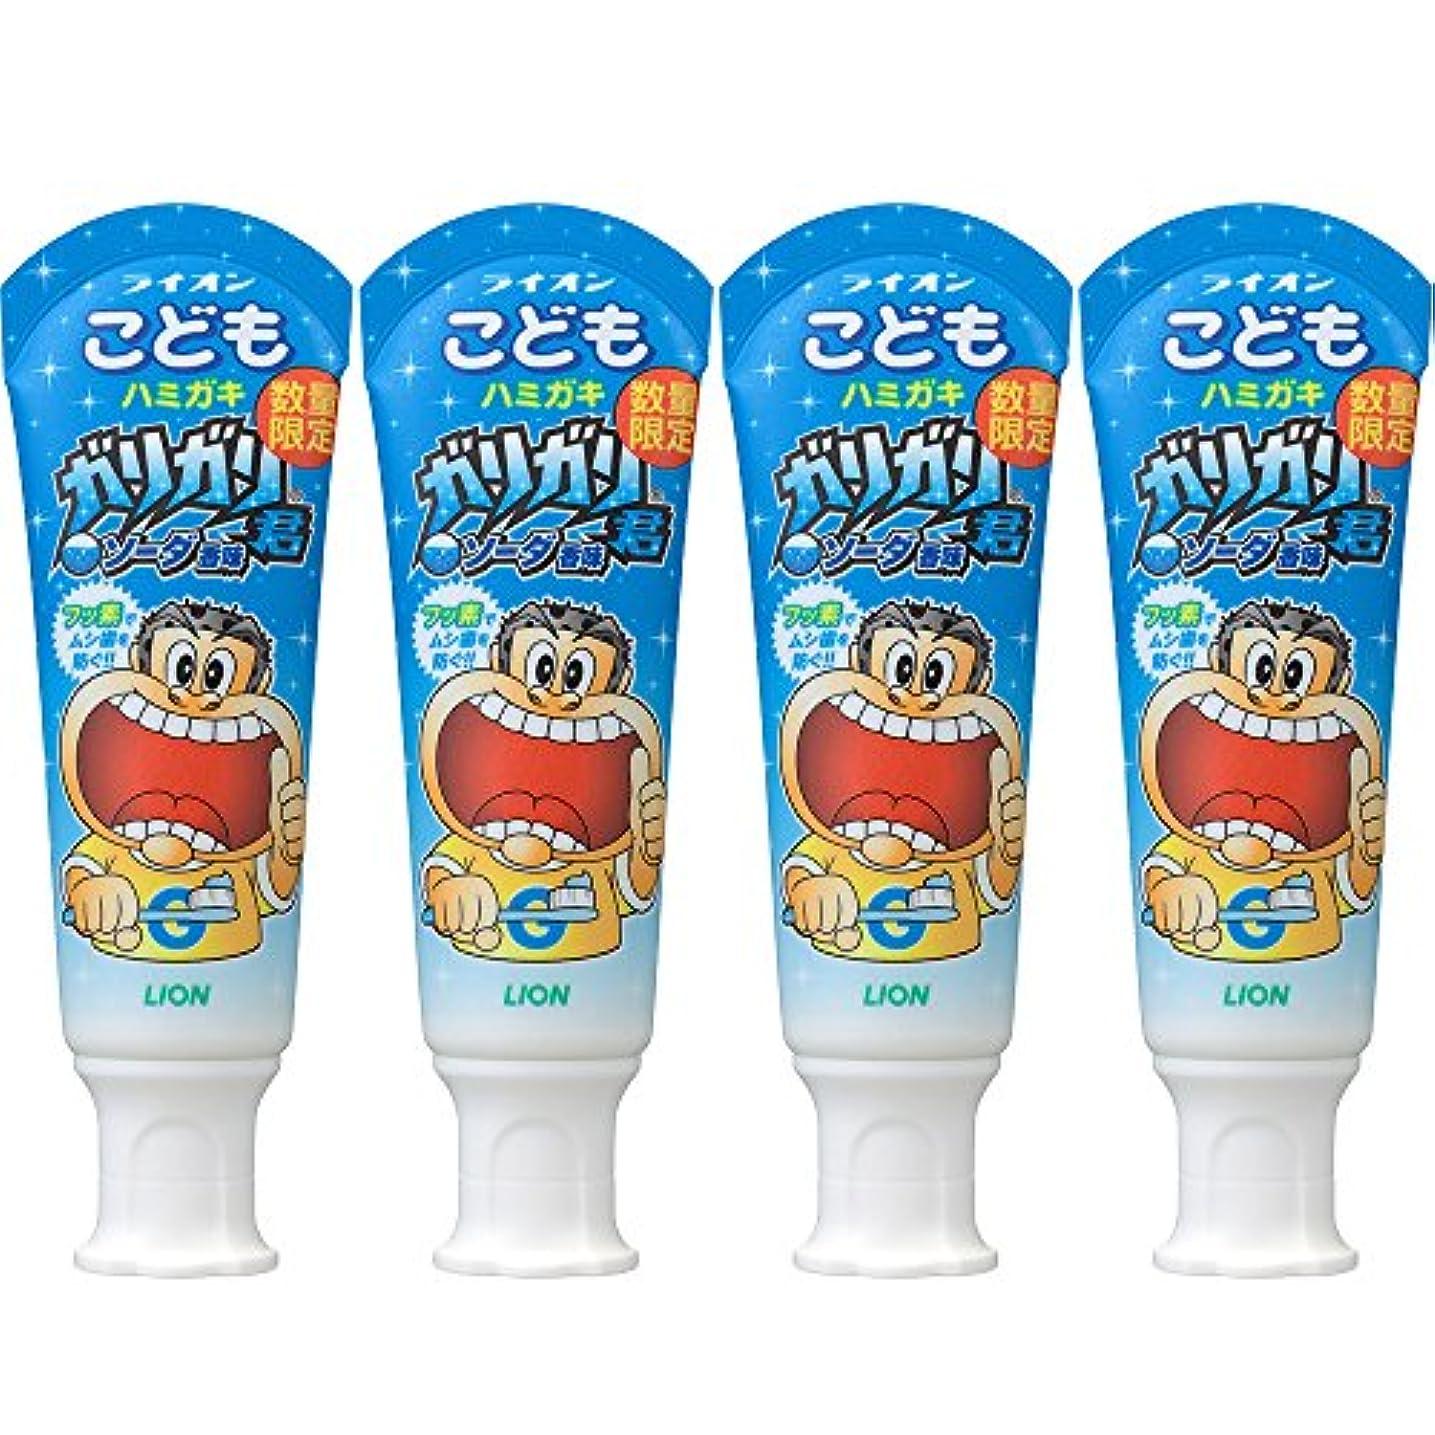 拘束するの前でにはまってライオンこどもハミガキ ガリガリくん ソーダ香味 40g 4個パック ※デザインは選べません